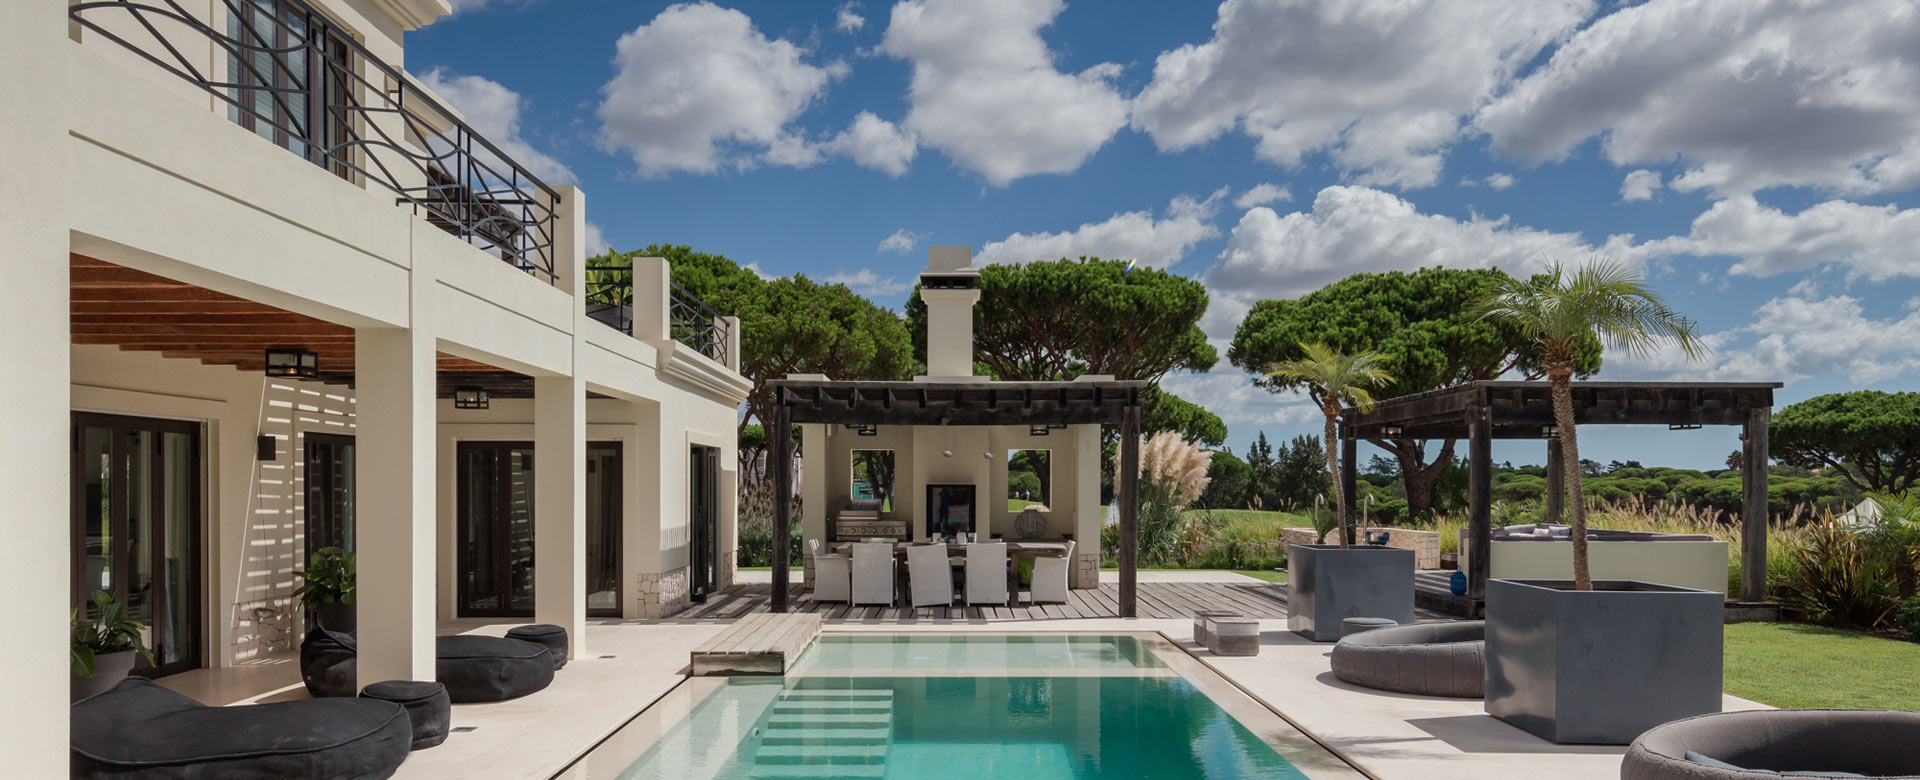 Private Villas In Portugal luxury villa rentals in the algarve | villanovo